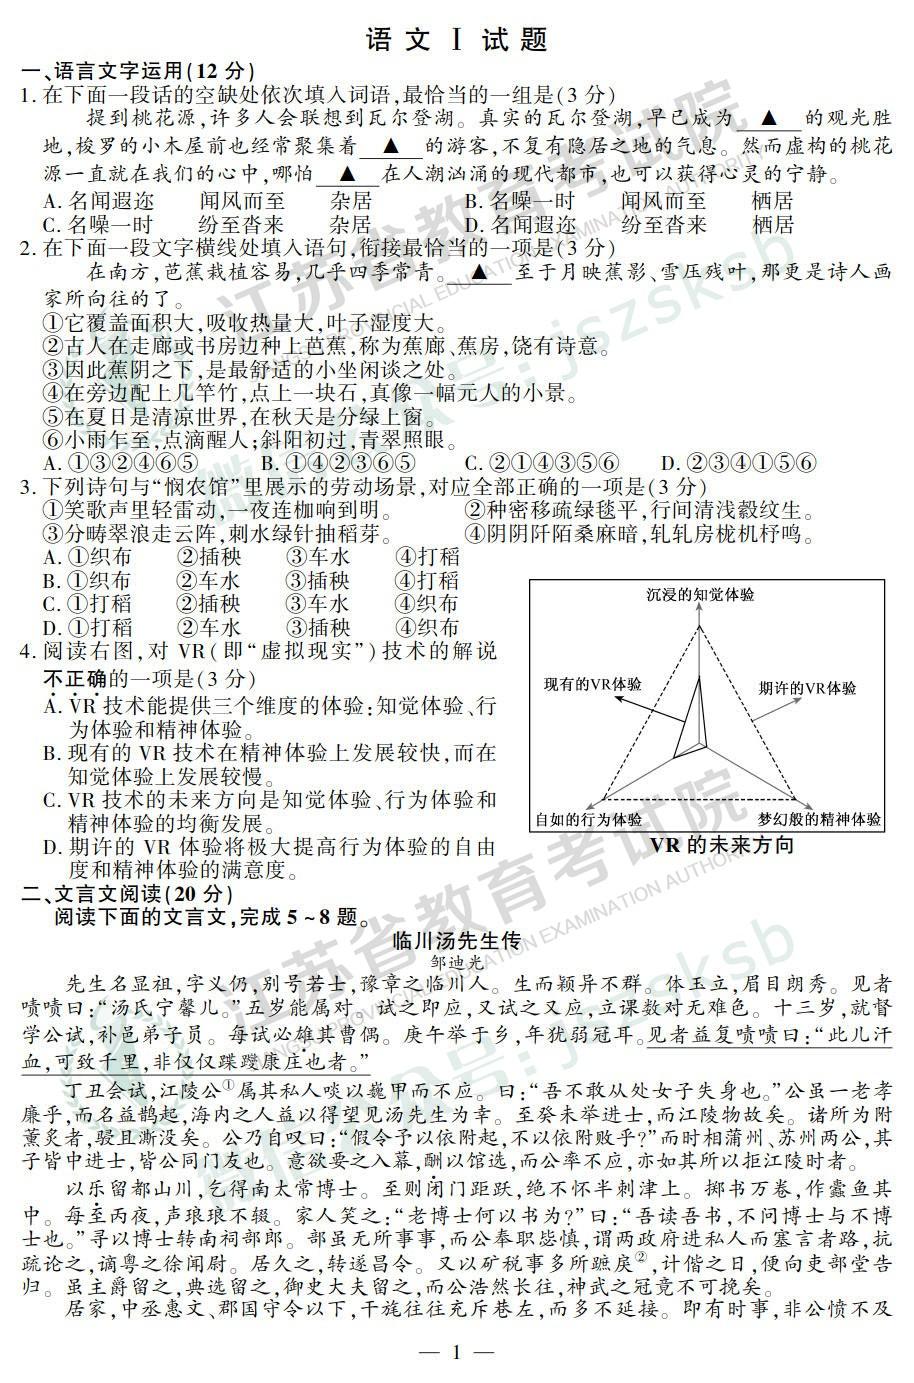 5年高考3年模拟英语_2019年江苏高考语文试题(图片版)_高考网